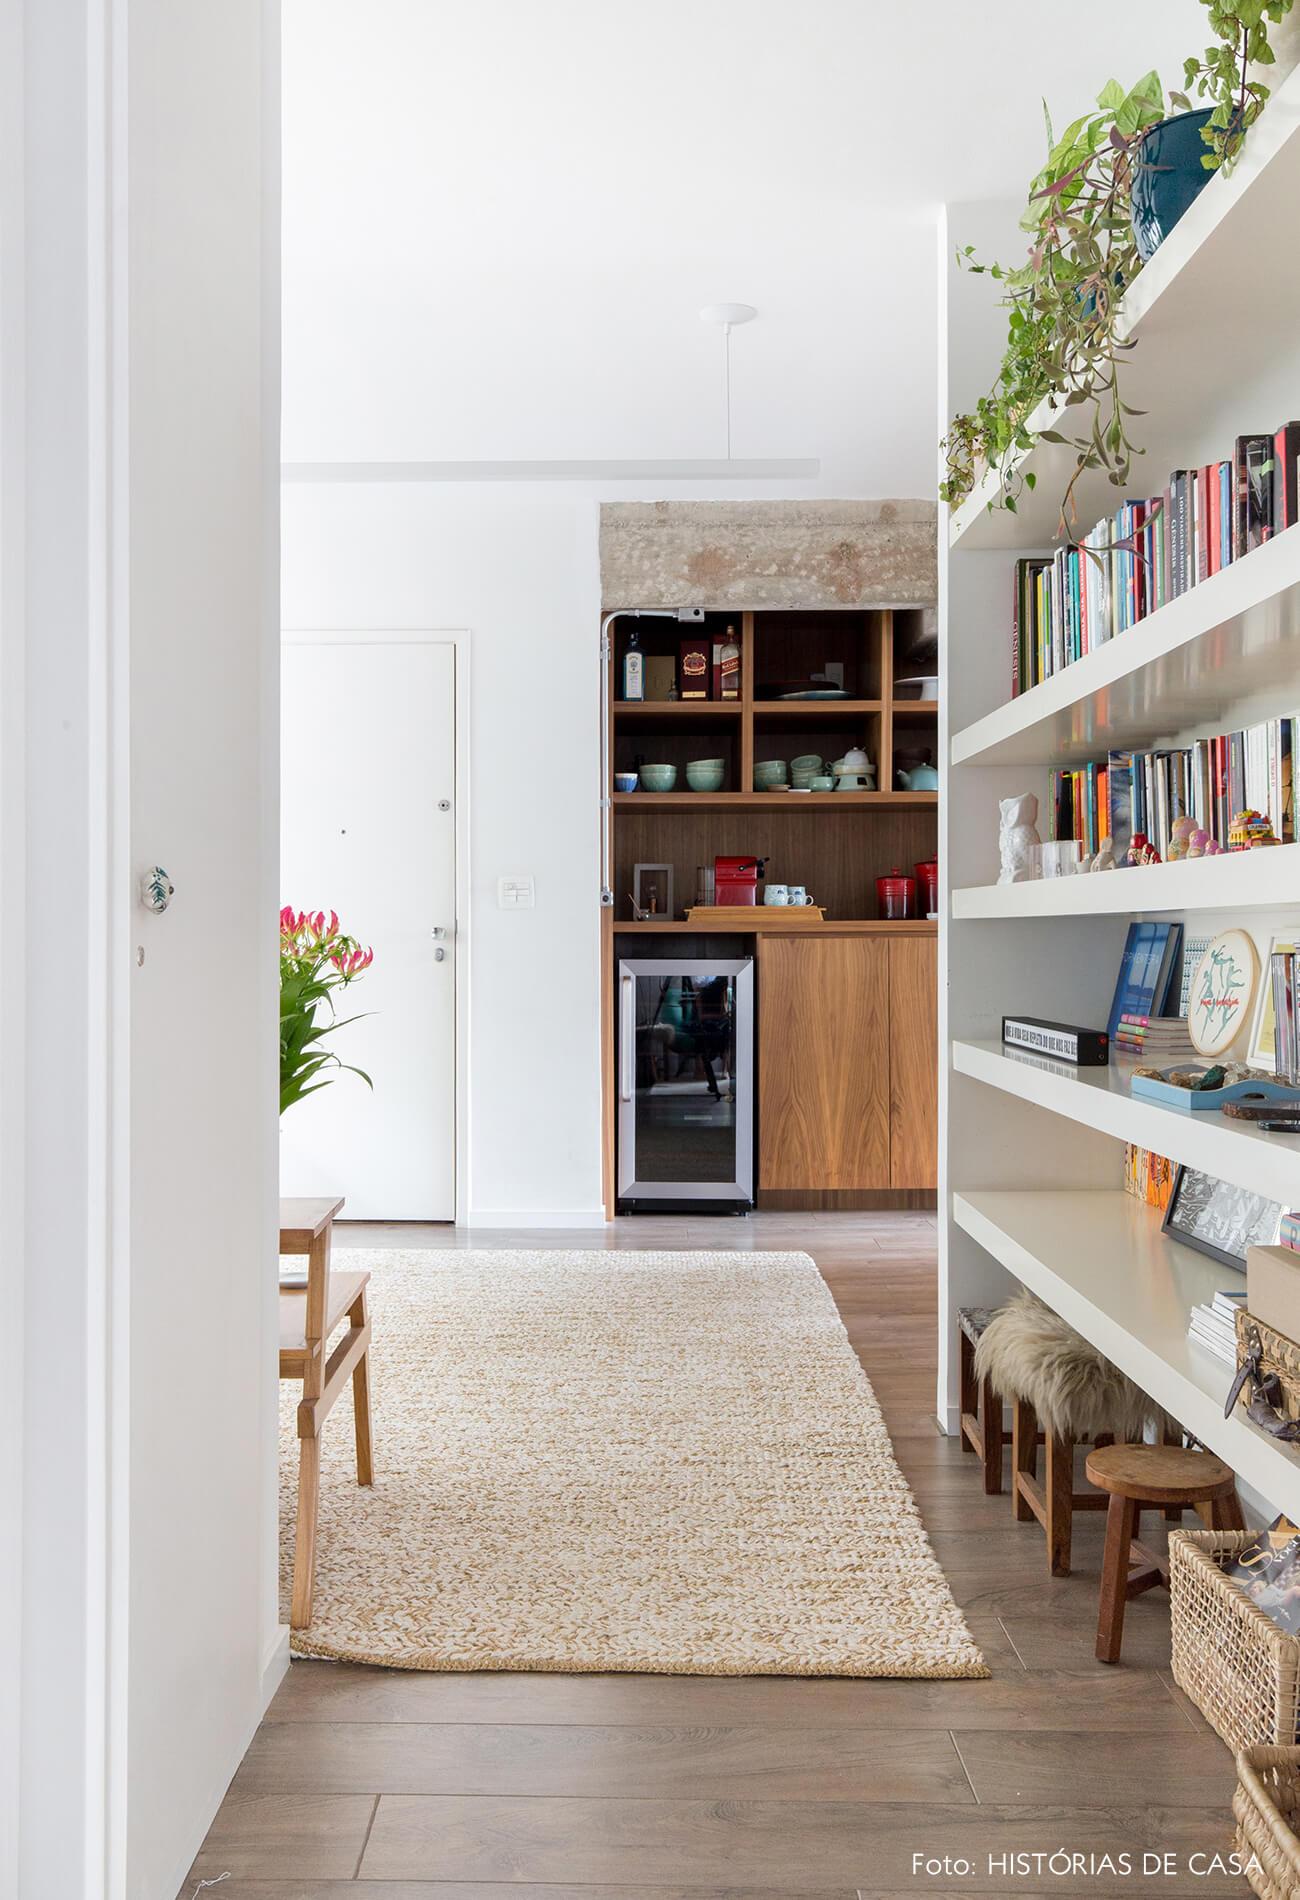 Apartamento com estante no corredor que leva aos quartos